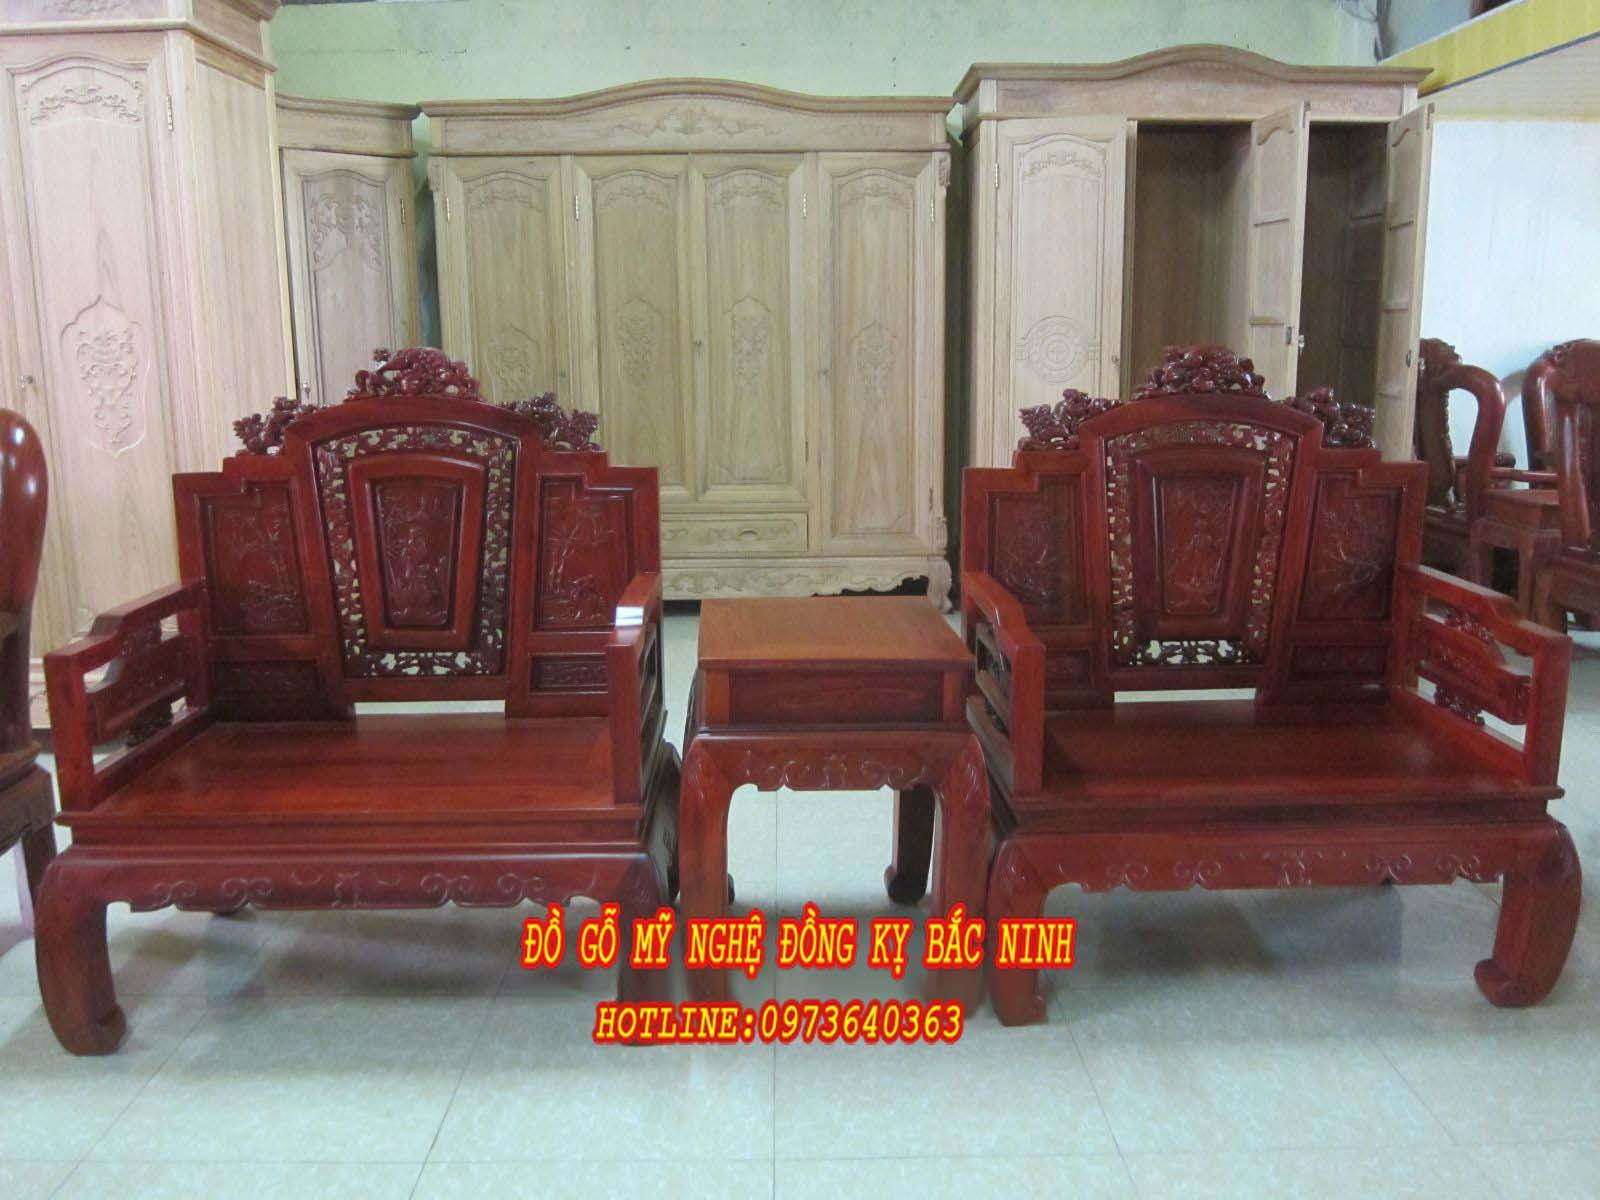 Bộ bàn ghế Bát Hiền